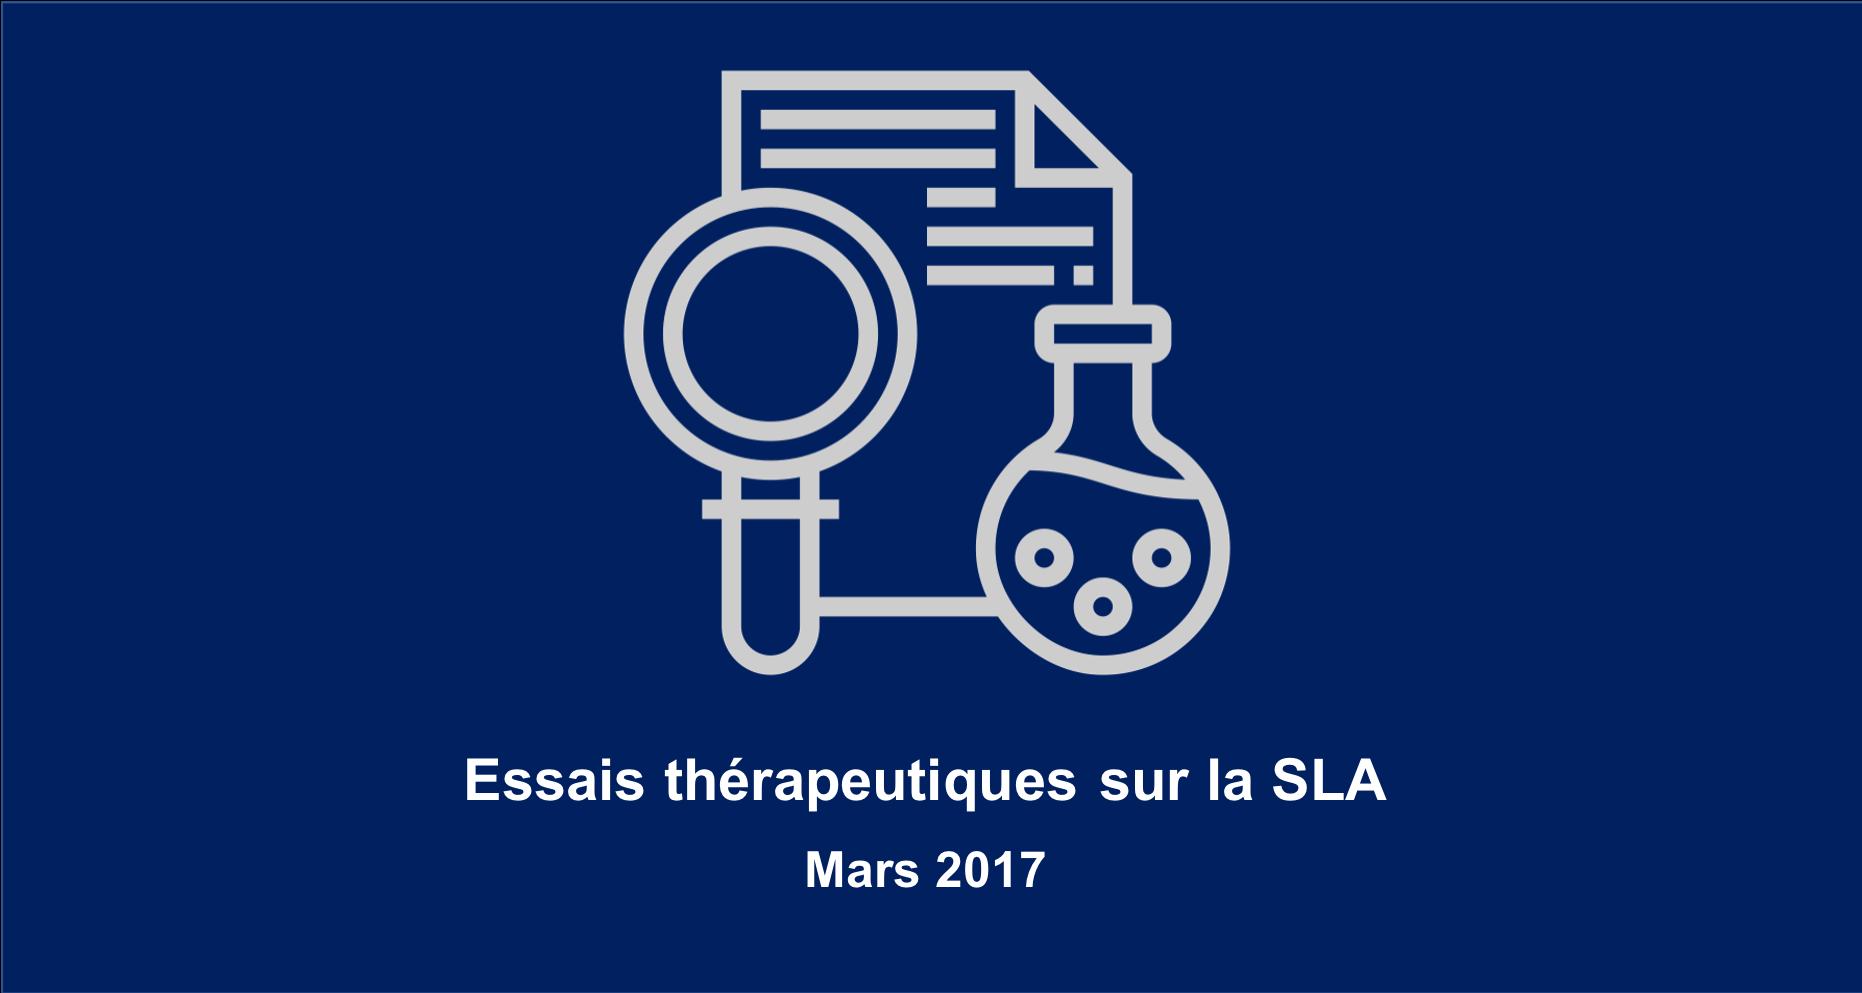 Essais thérapeutiques en cours et à venir sur la SLA. Actualisation mars 2017